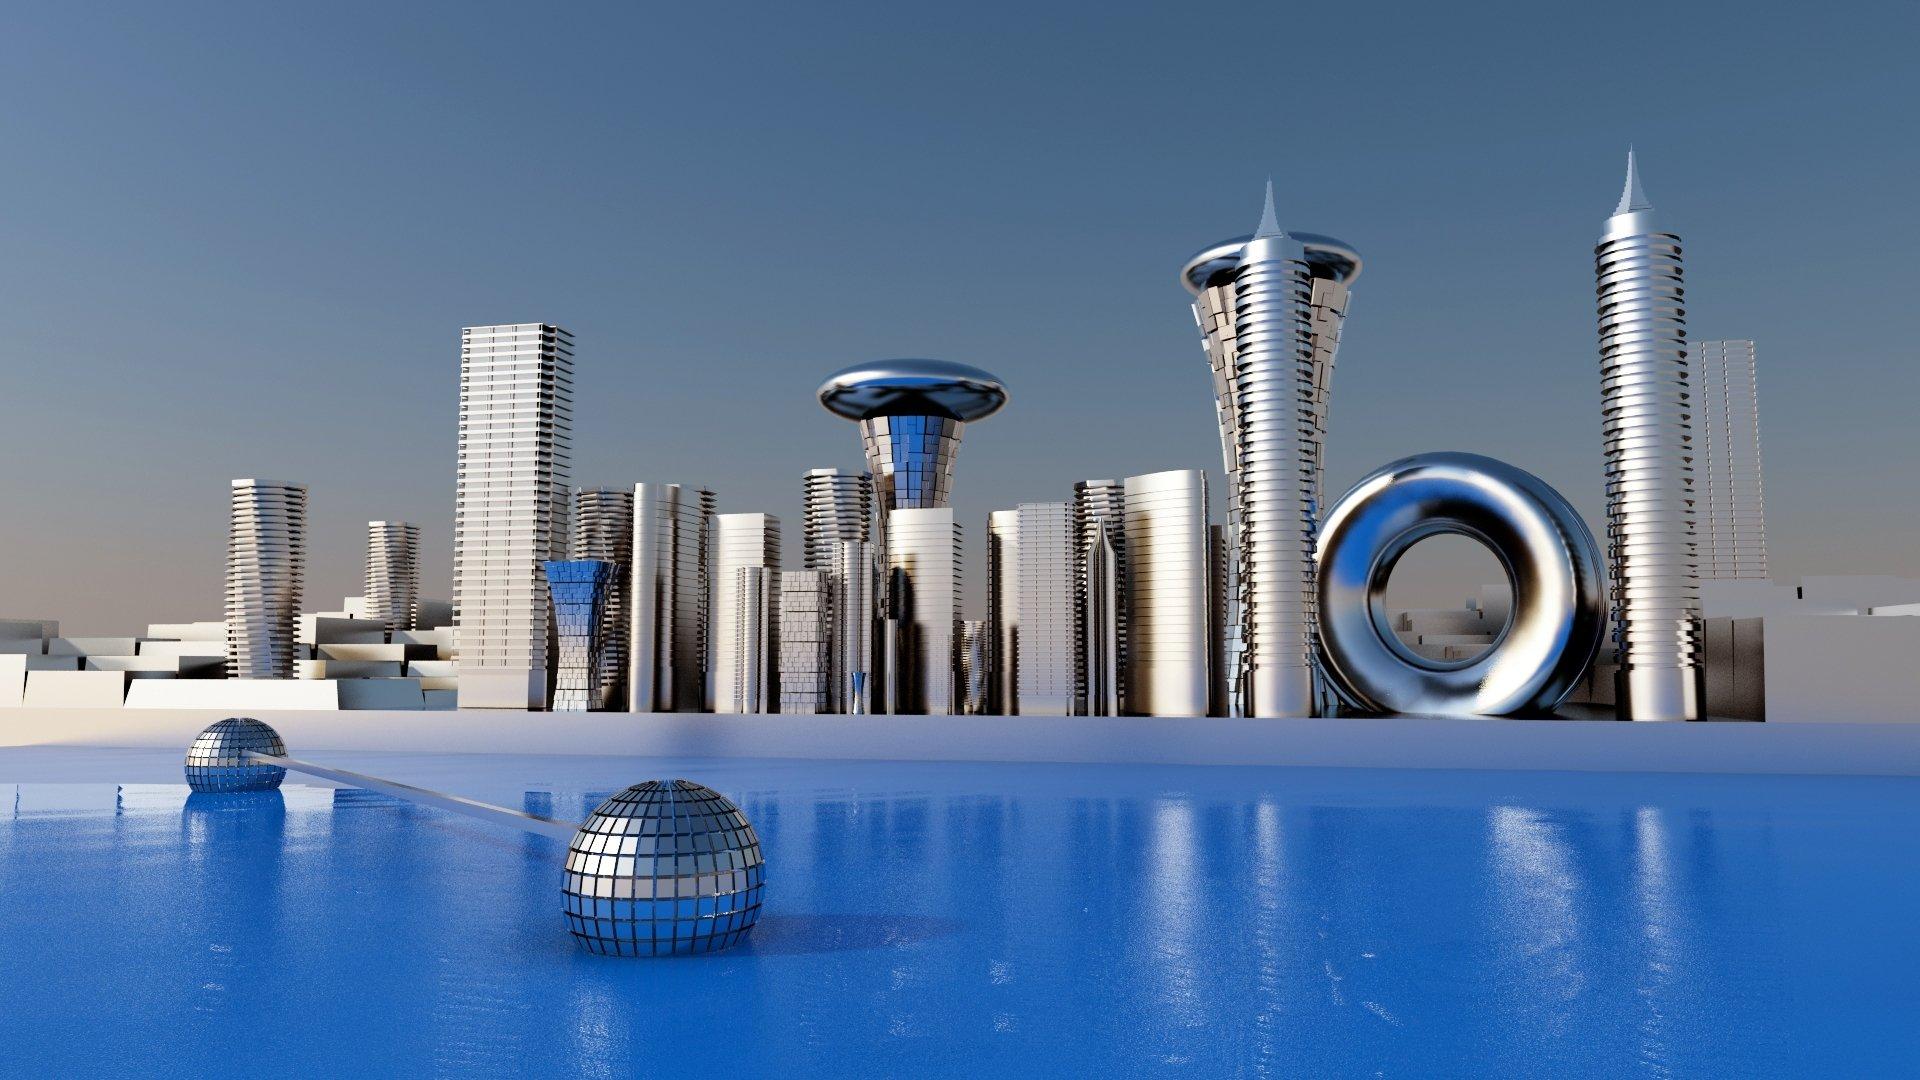 future architecture cities - HD1920×1080